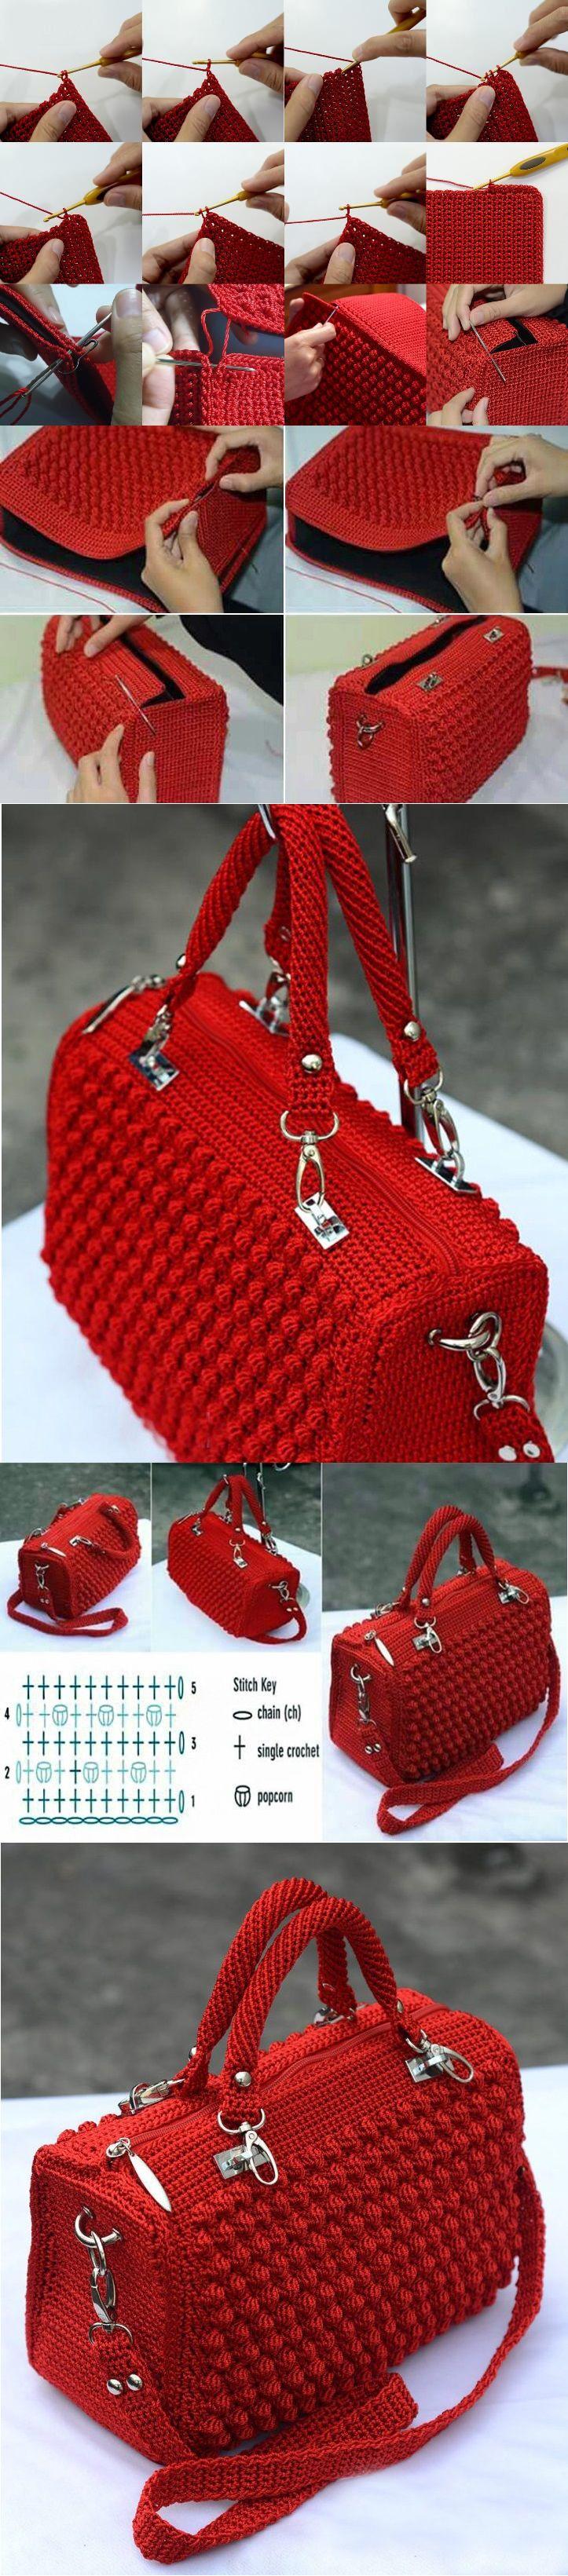 tığ işi çanta yapımı #crochethandbags